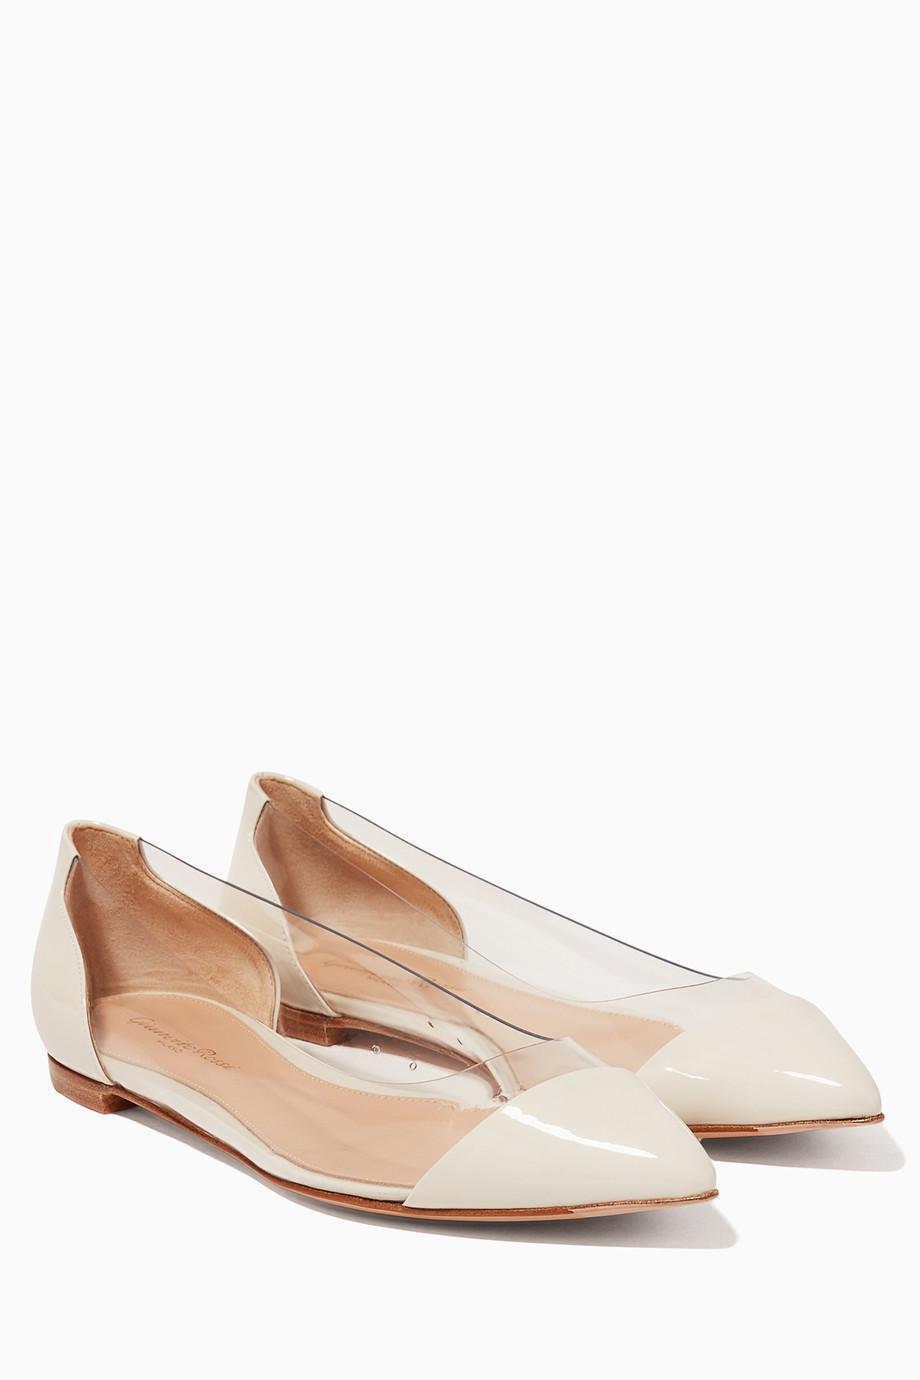 04535a7418e Shop Gianvito Rossi Neutral Monochrome Plexi Patent Leather Ballerinas for  Women